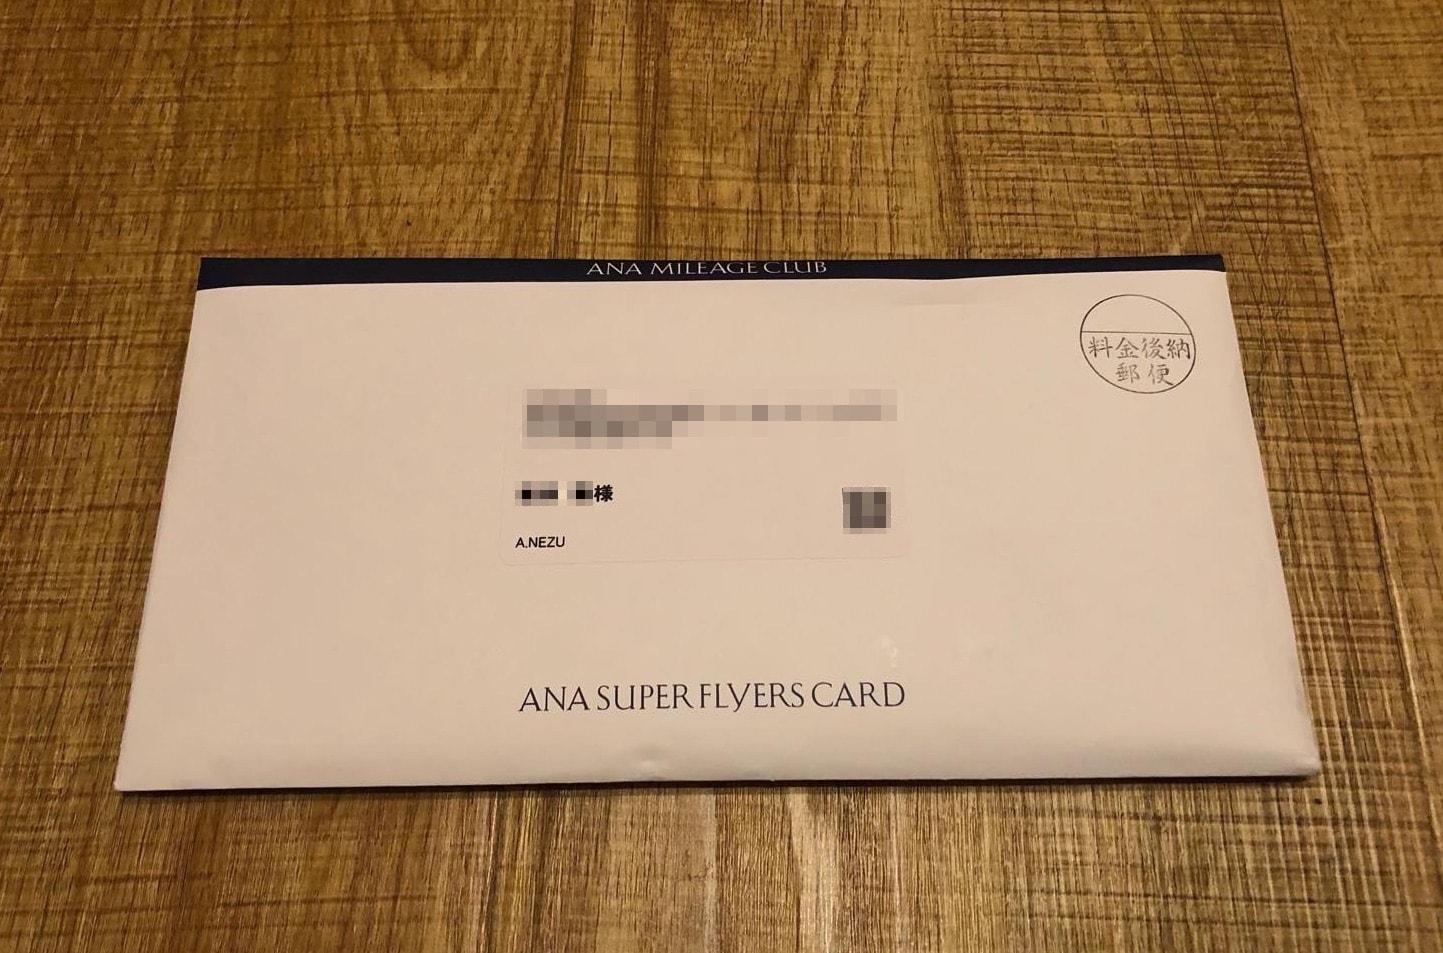 ANAから封筒